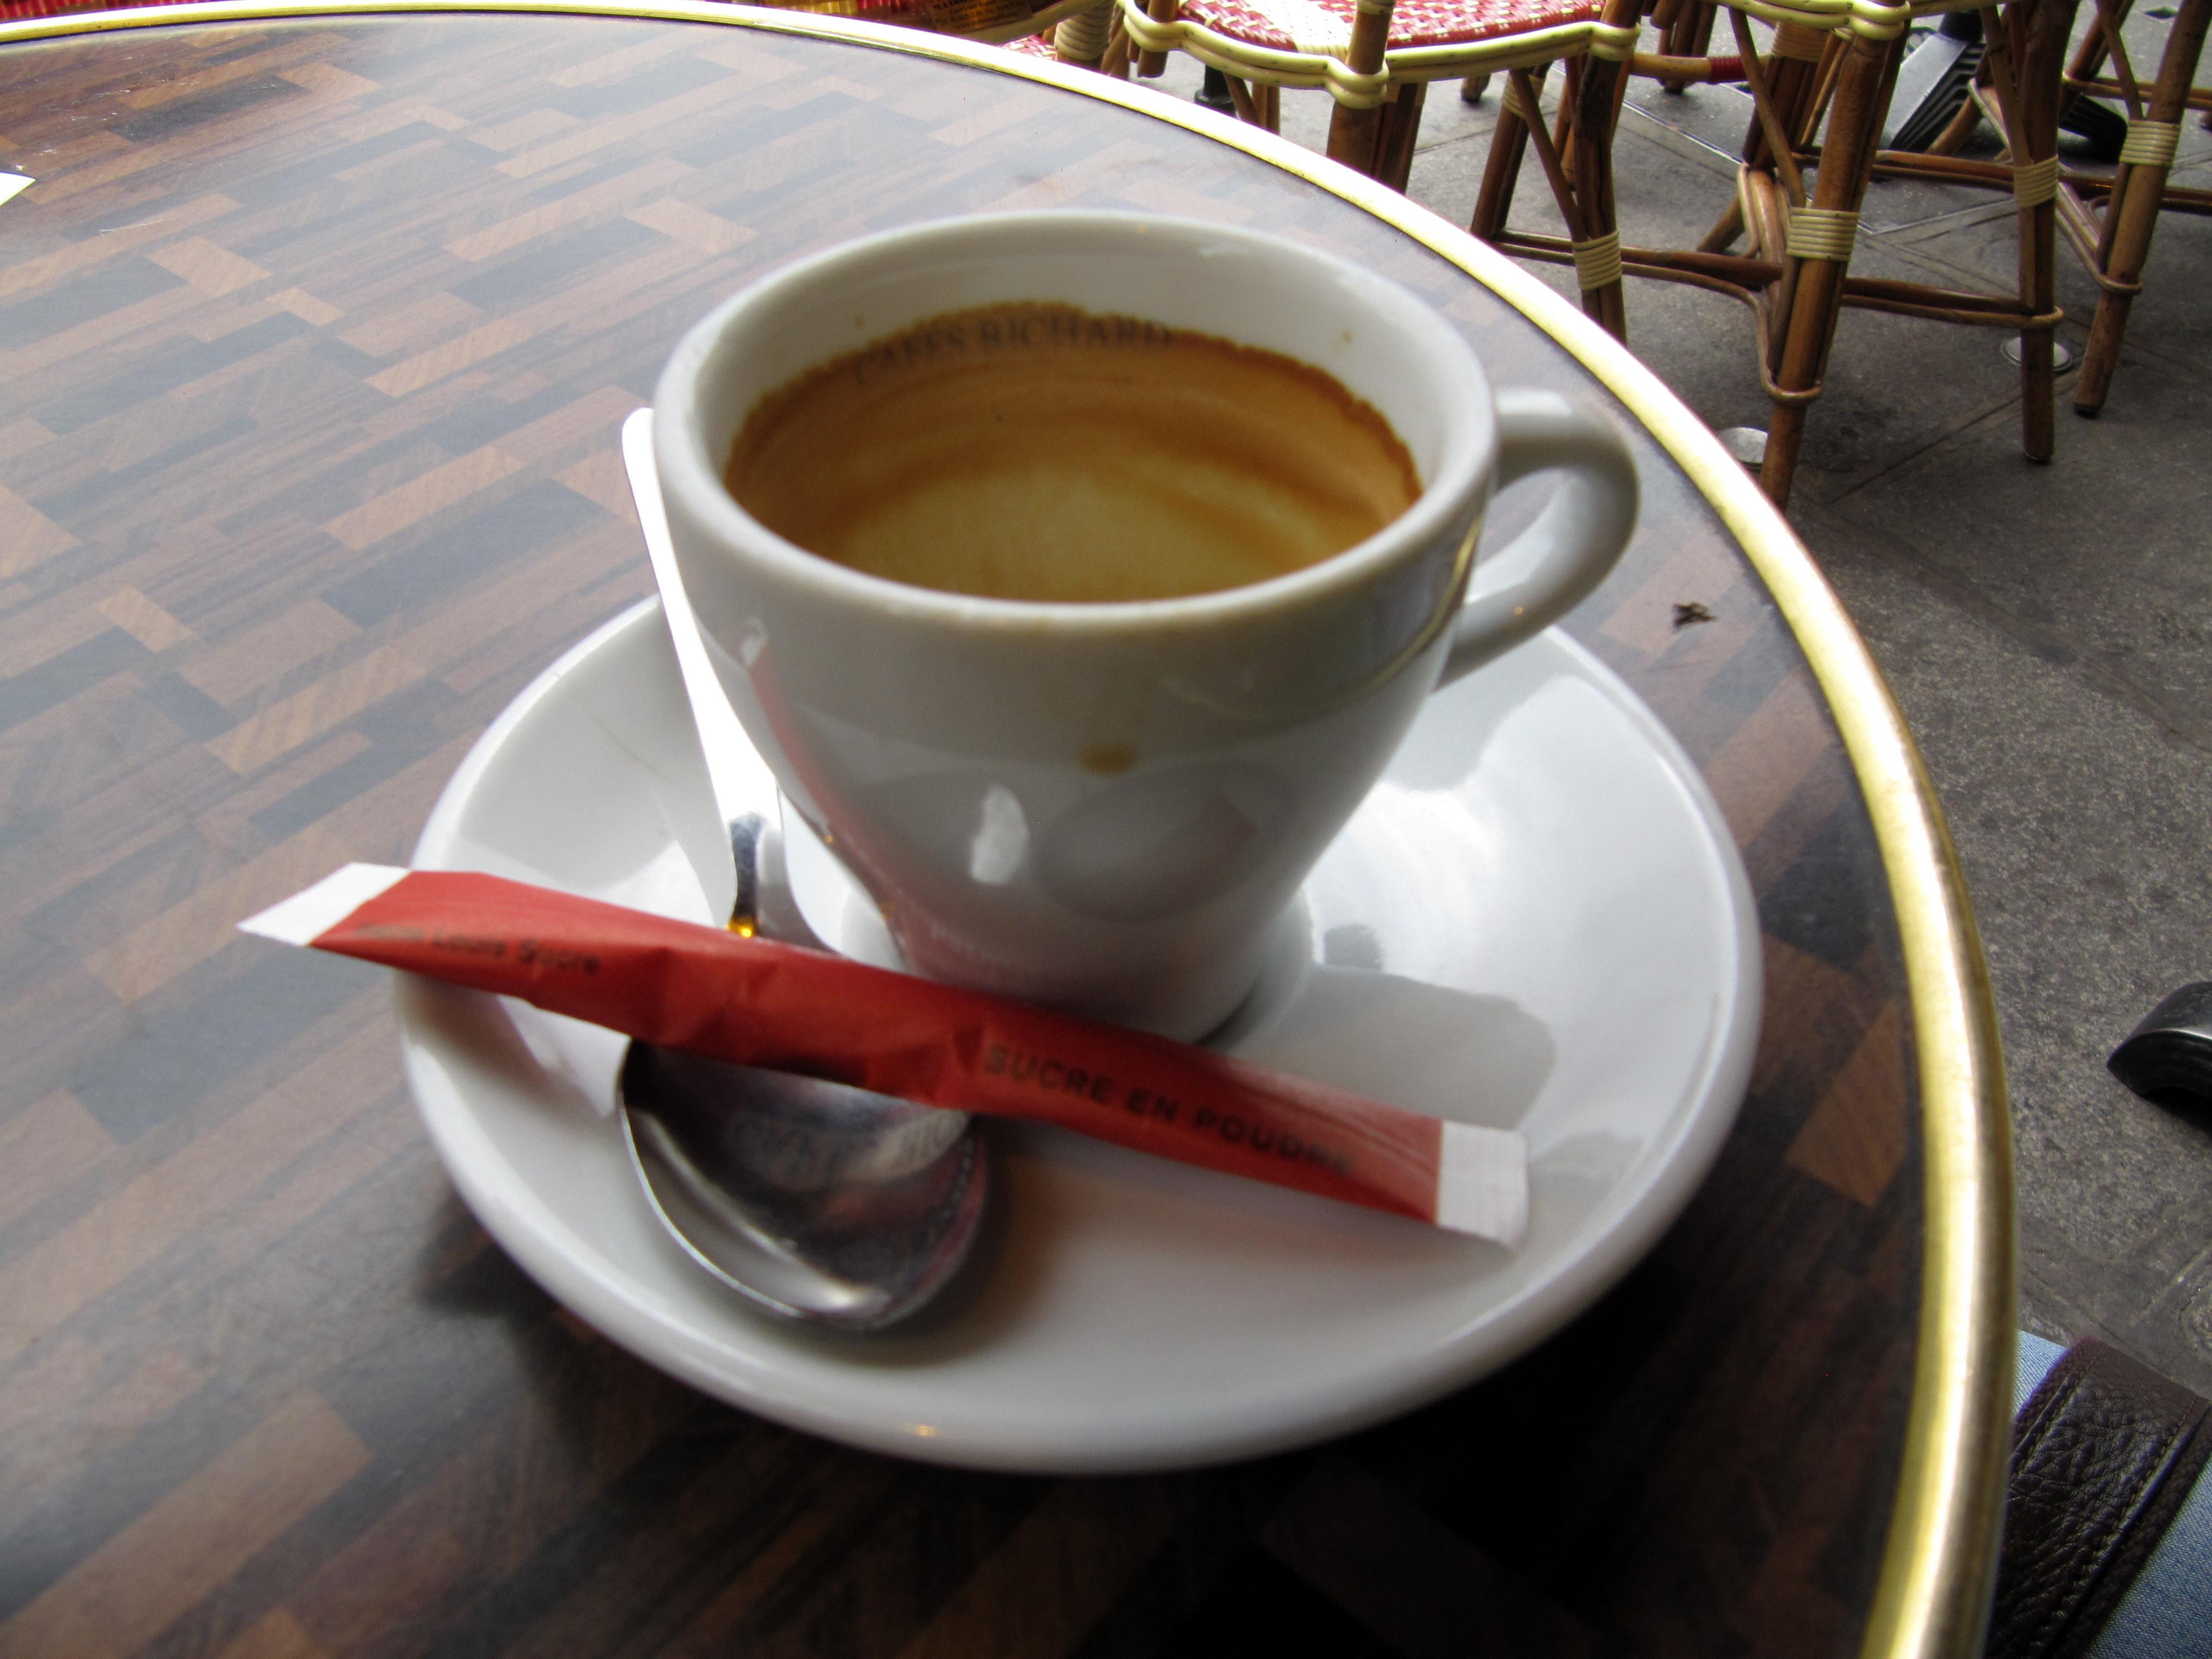 A La Caf Quel Sont Les Dates De Paiement